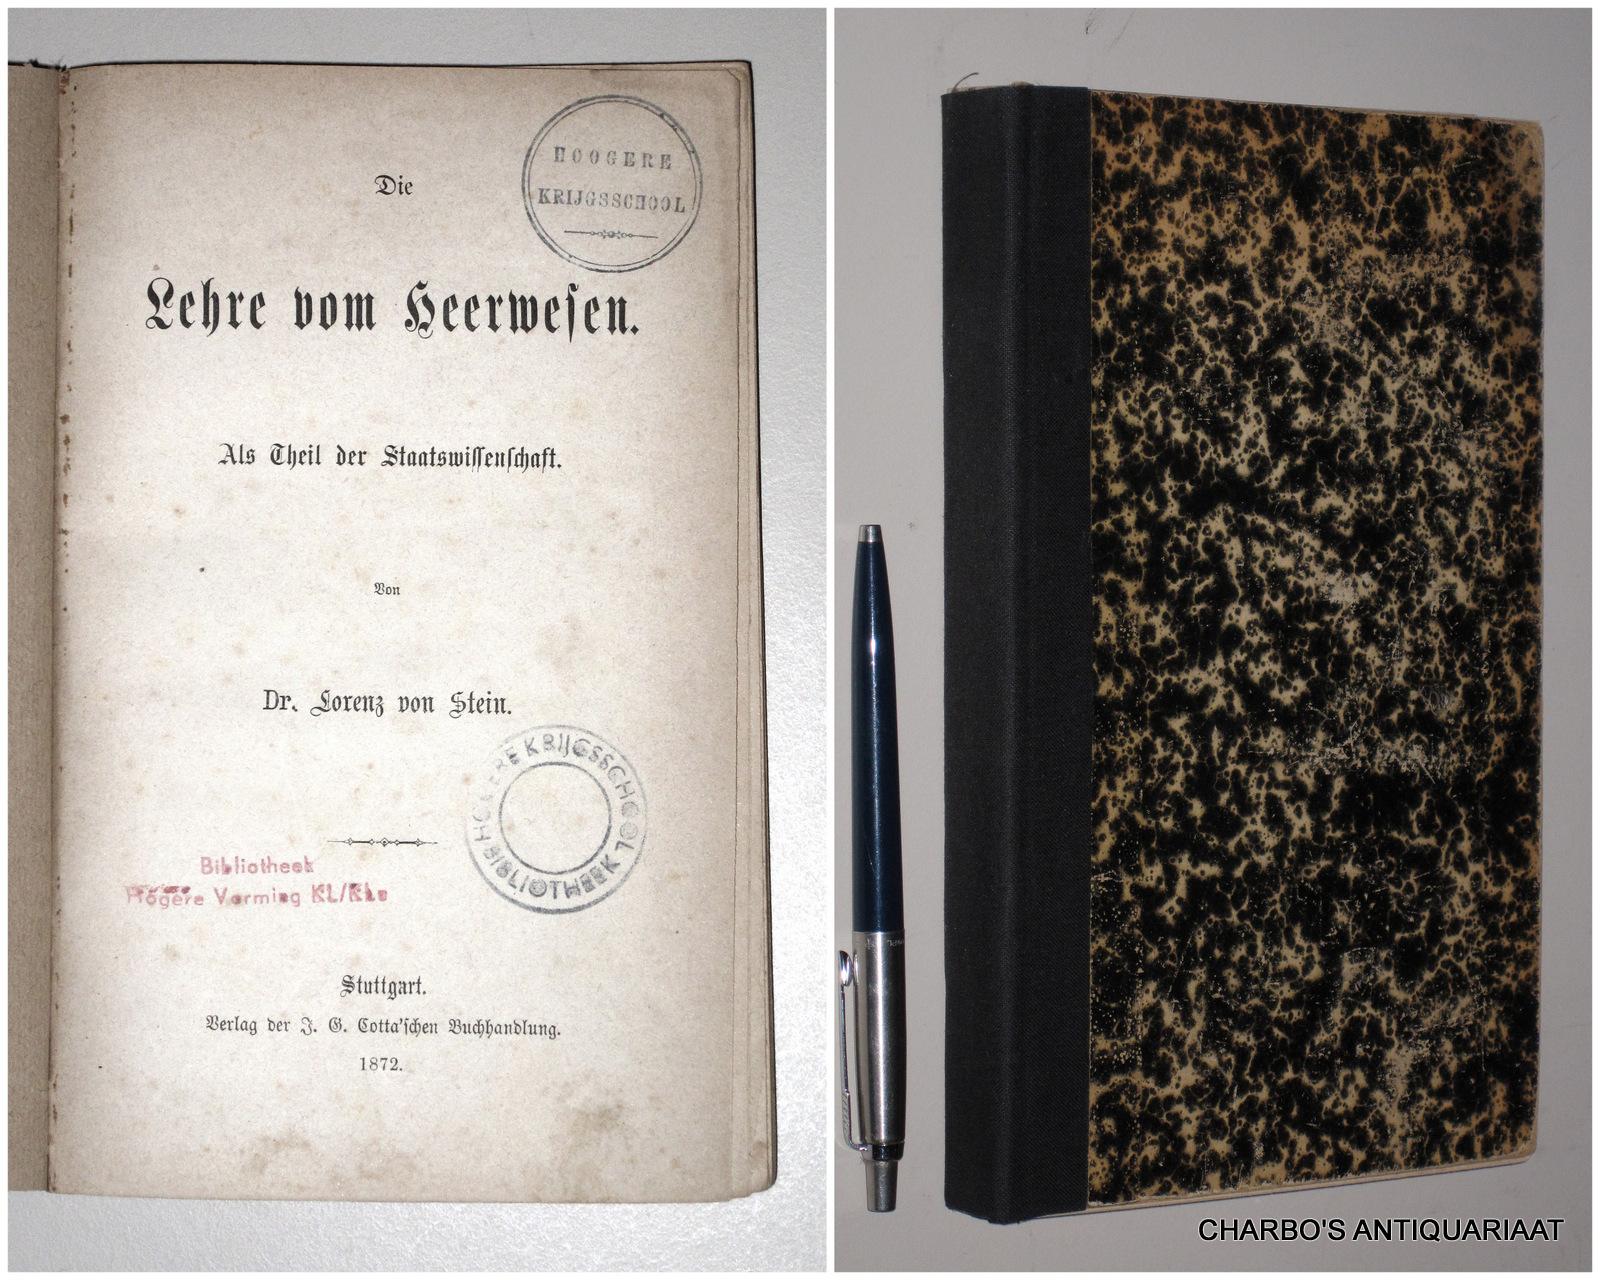 STEIN, LORENZ VON, -  Die Lehre vom Heerwesen. Als Theil der Staatswissenschaft.